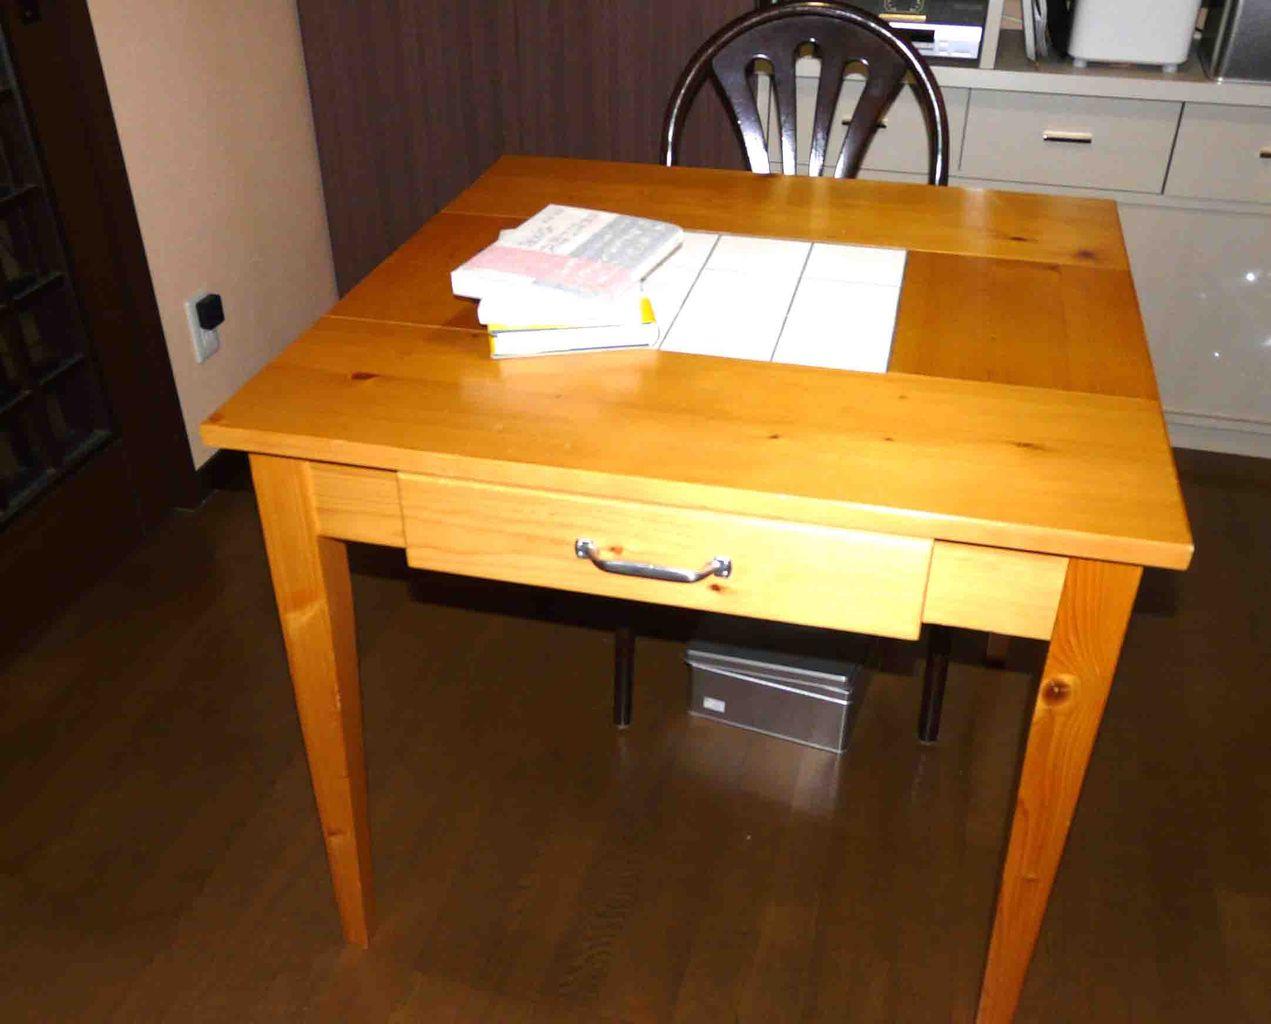 11 8 3天板タイルのテーブル